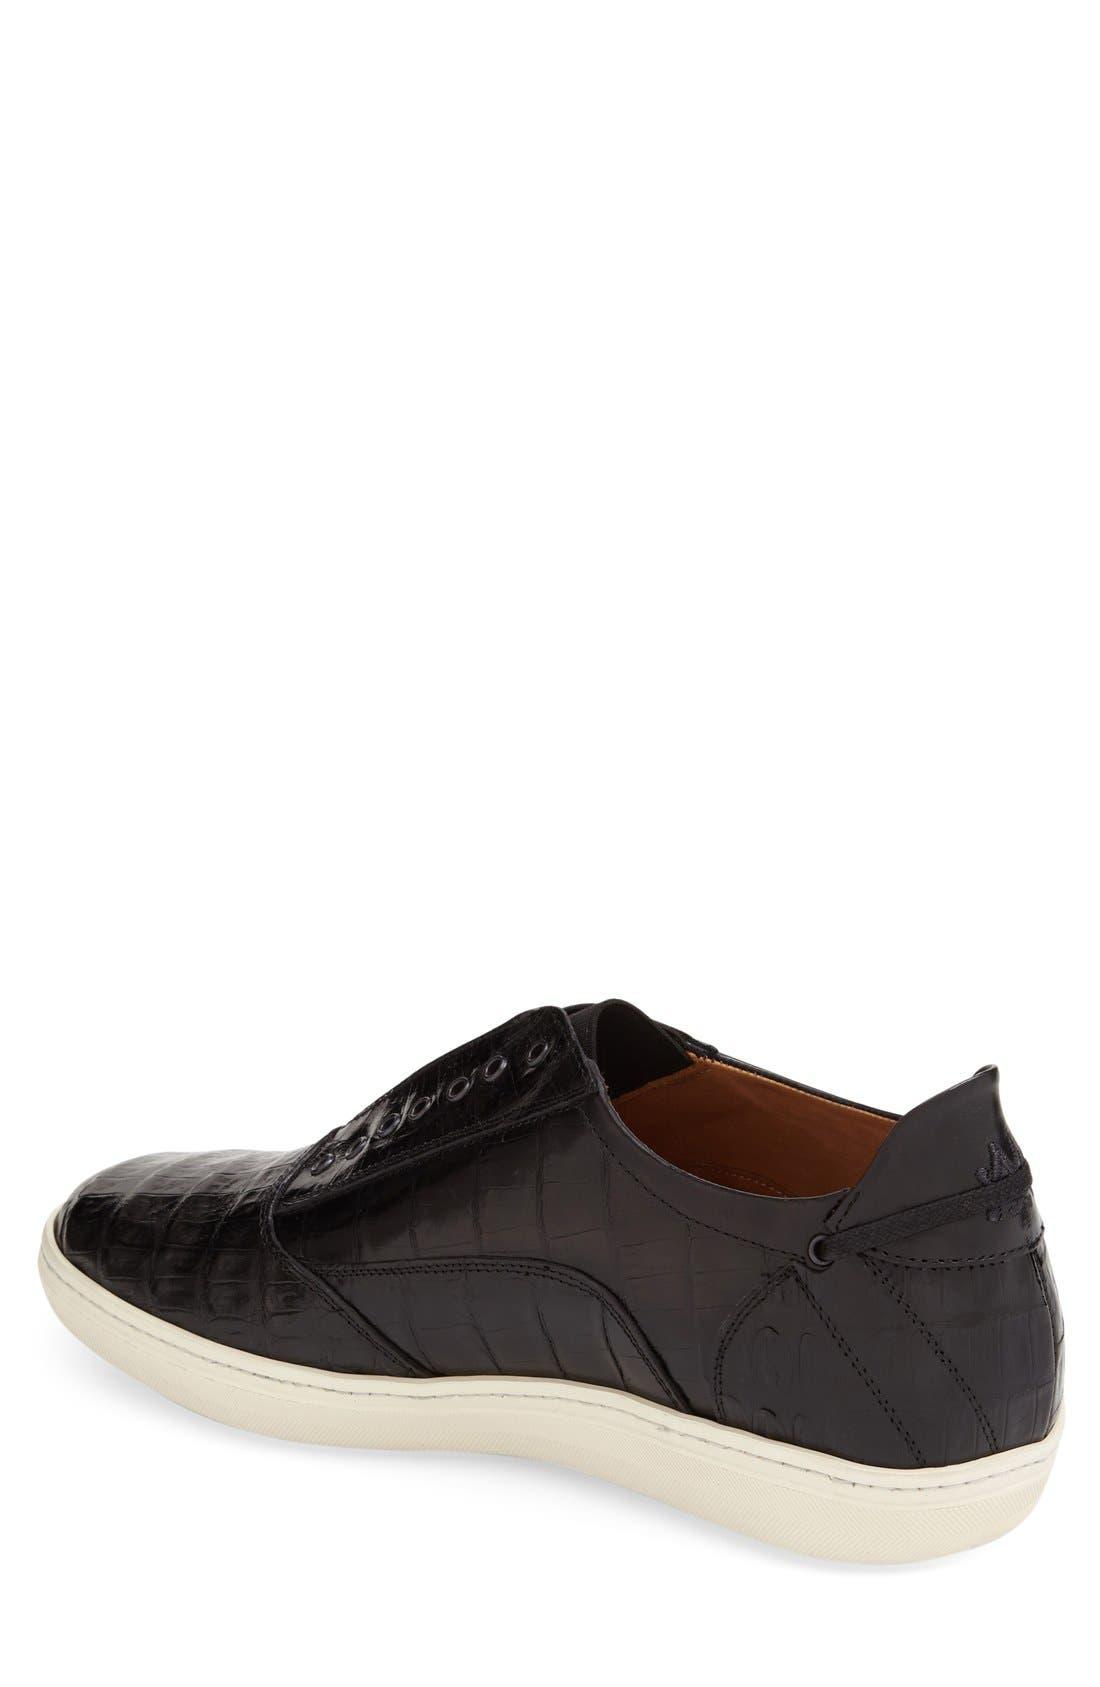 'Emmanuel' Slip-on Sneaker,                             Alternate thumbnail 4, color,